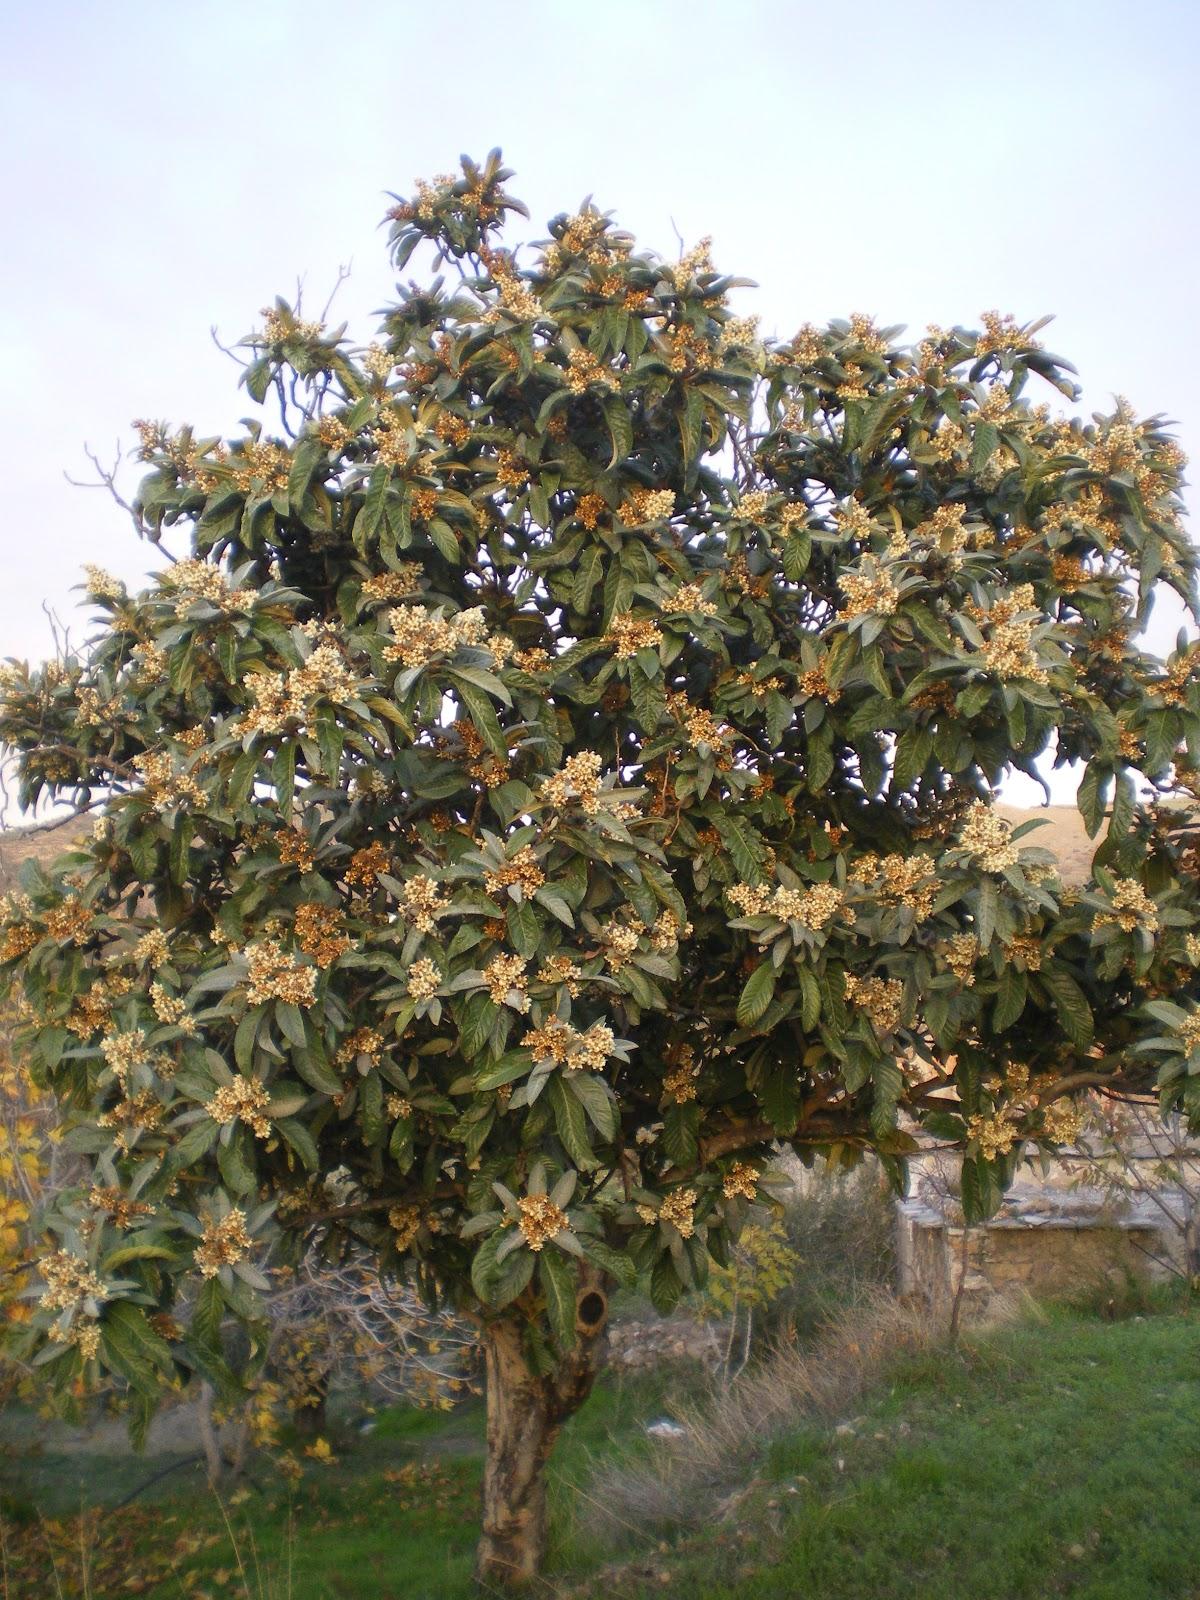 Nispero tree | Nisperos, a Spanish Favorite in Summer. The t… | Flickr